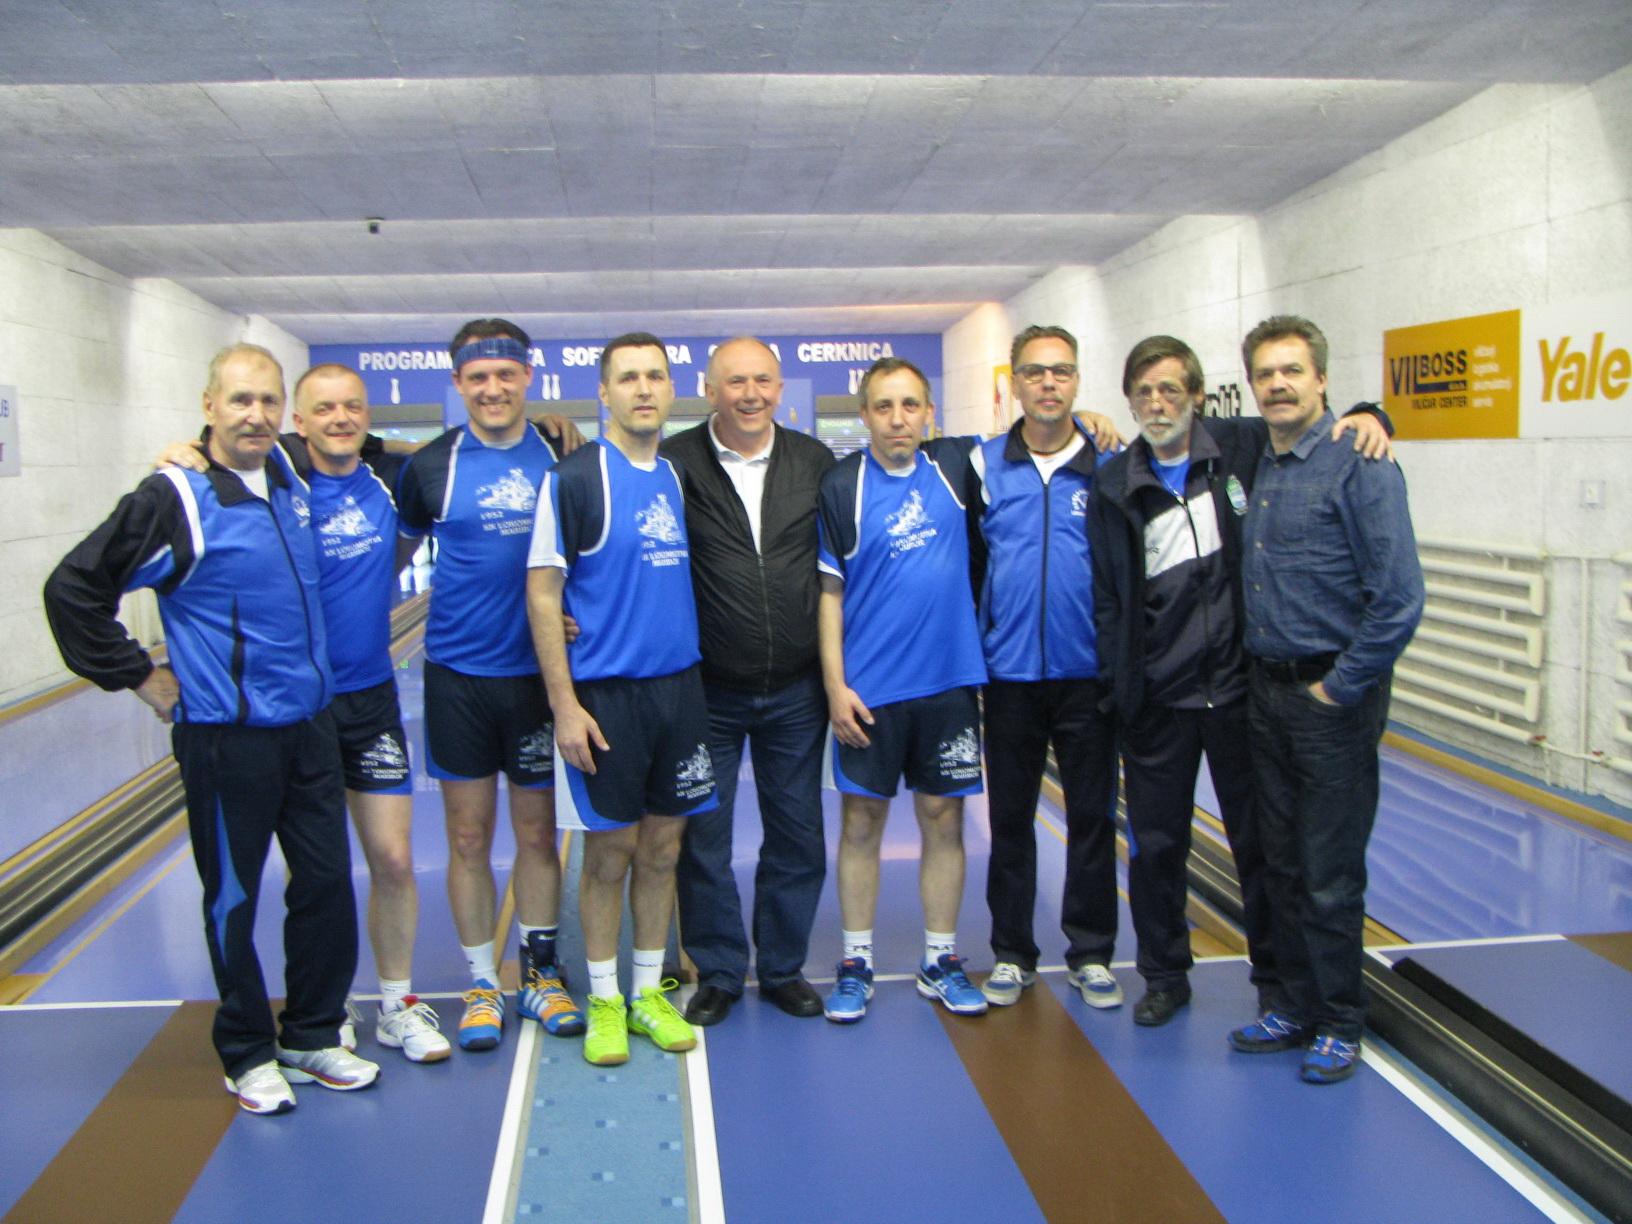 Na turnirju v Cerknici, 2016